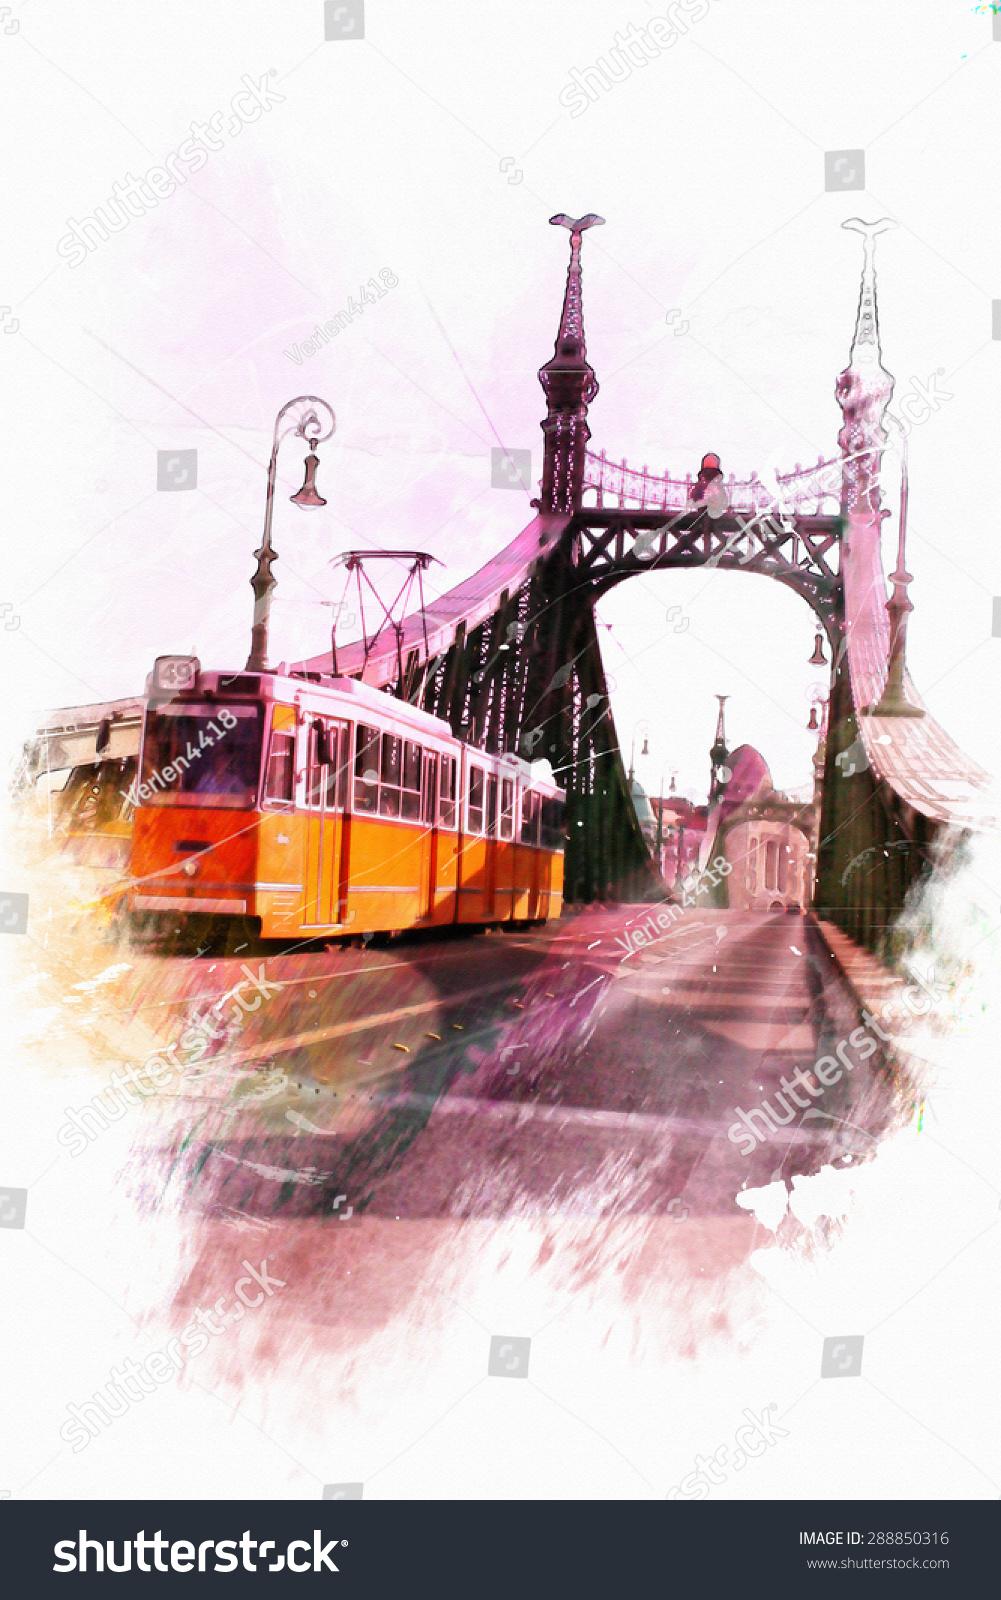 水彩插图布达佩斯.自由桥视图-建筑物/地标,背景/素材